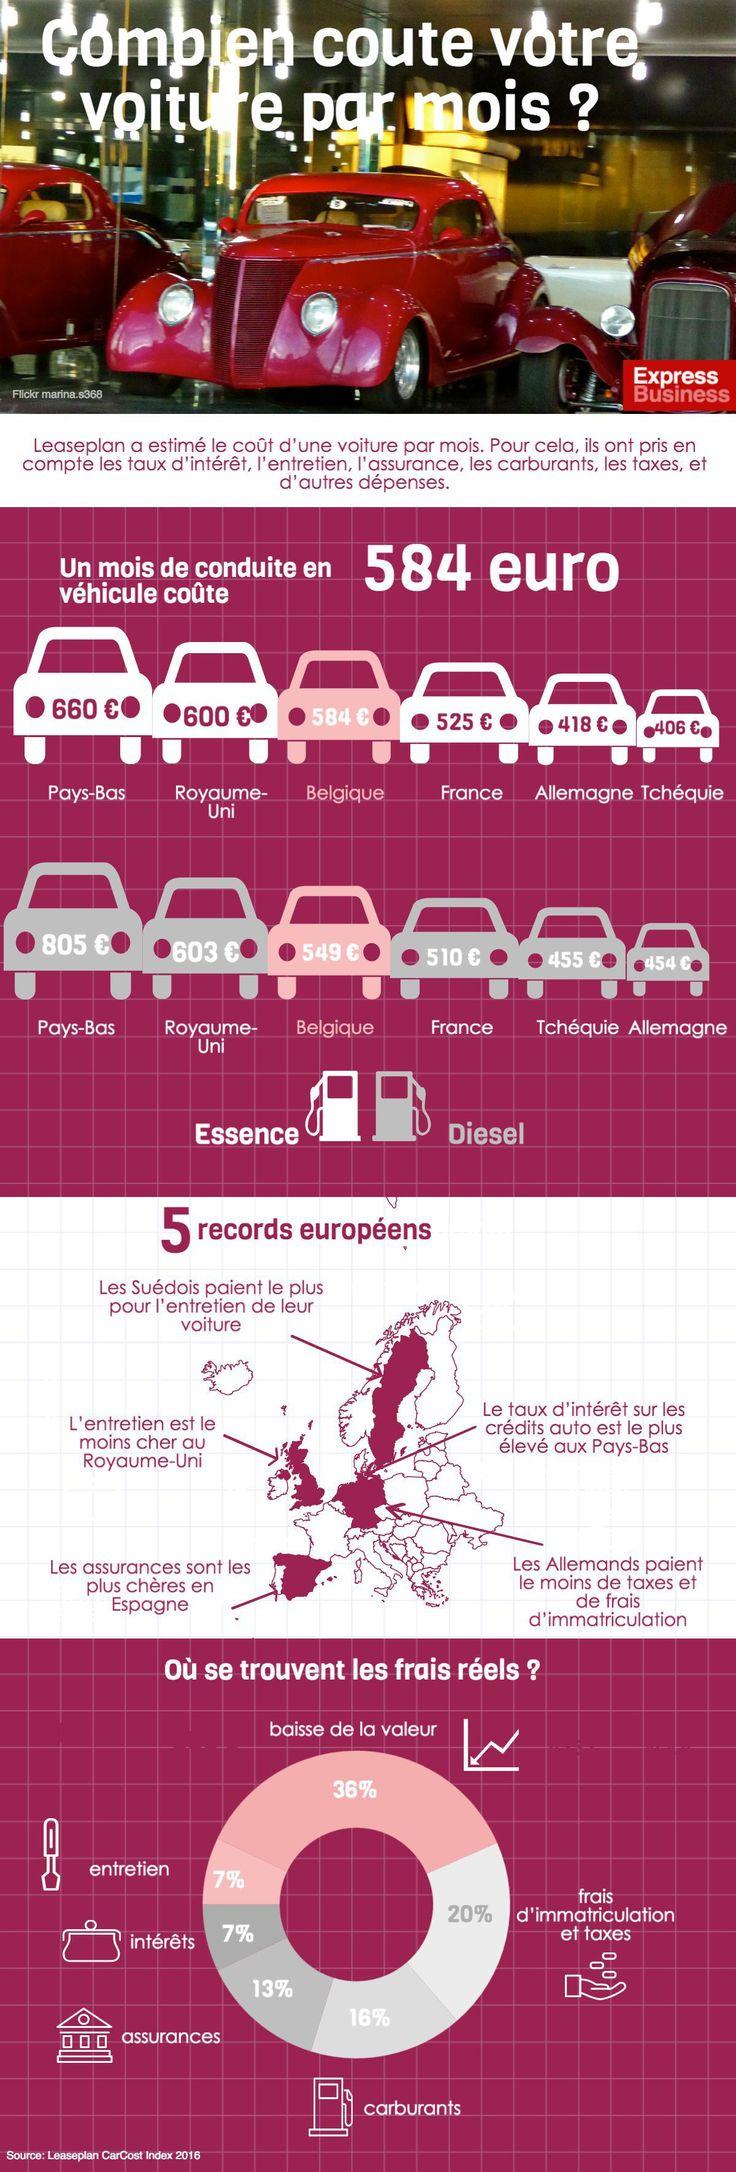 infographie Leaseplan a estimé le coût d'une voiture par mois. Pour cela, ils ont pris en compte les taux d'intérêt, l'entretien, l'assurance, les carburants, les taxes, et d'autres dépenses.